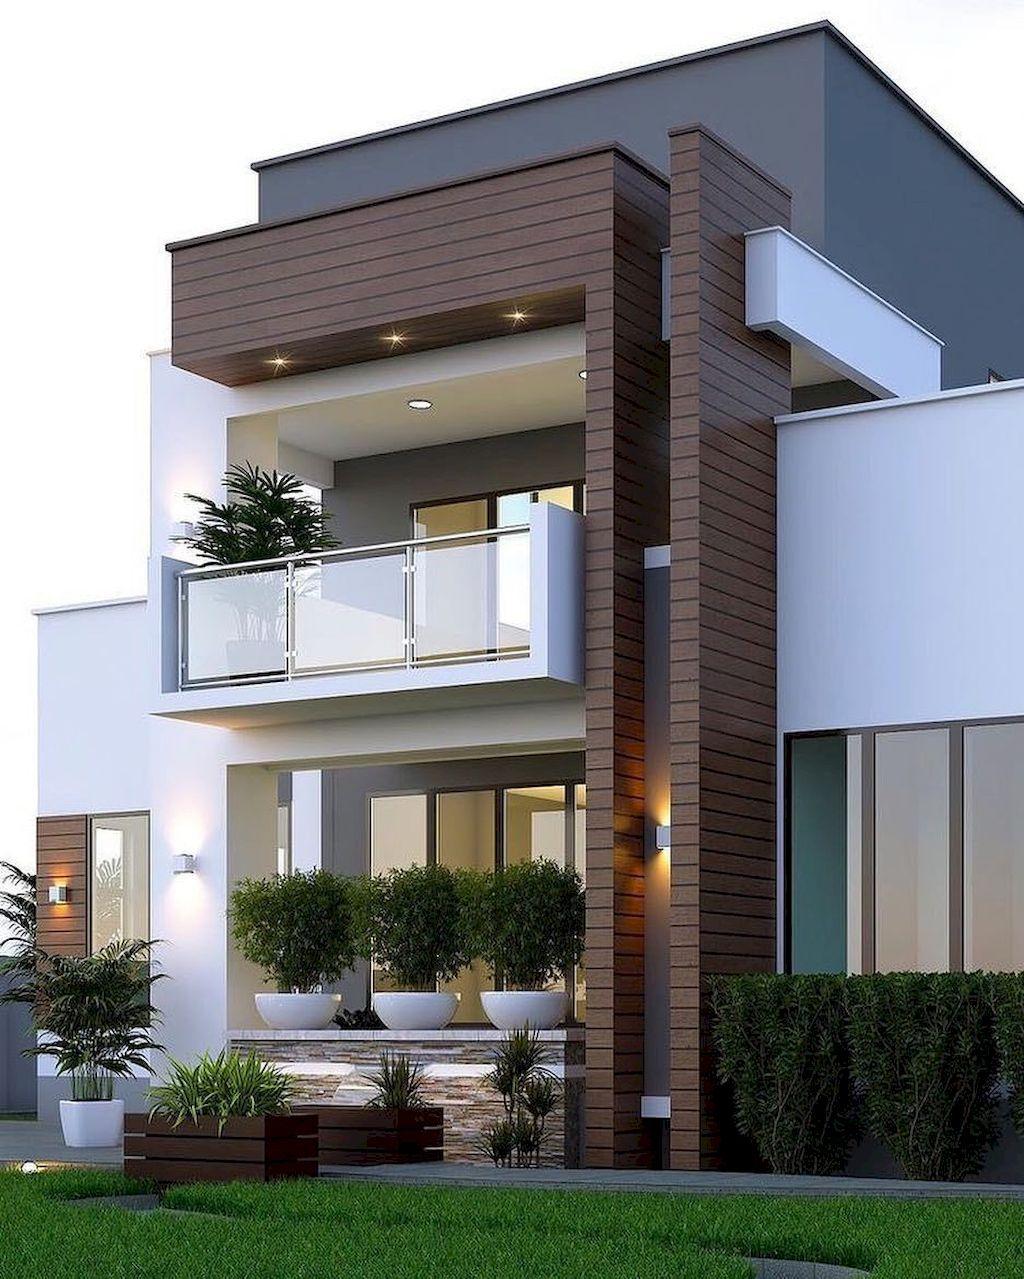 Modern Home Design Ideas Exterior: House Exterior Design